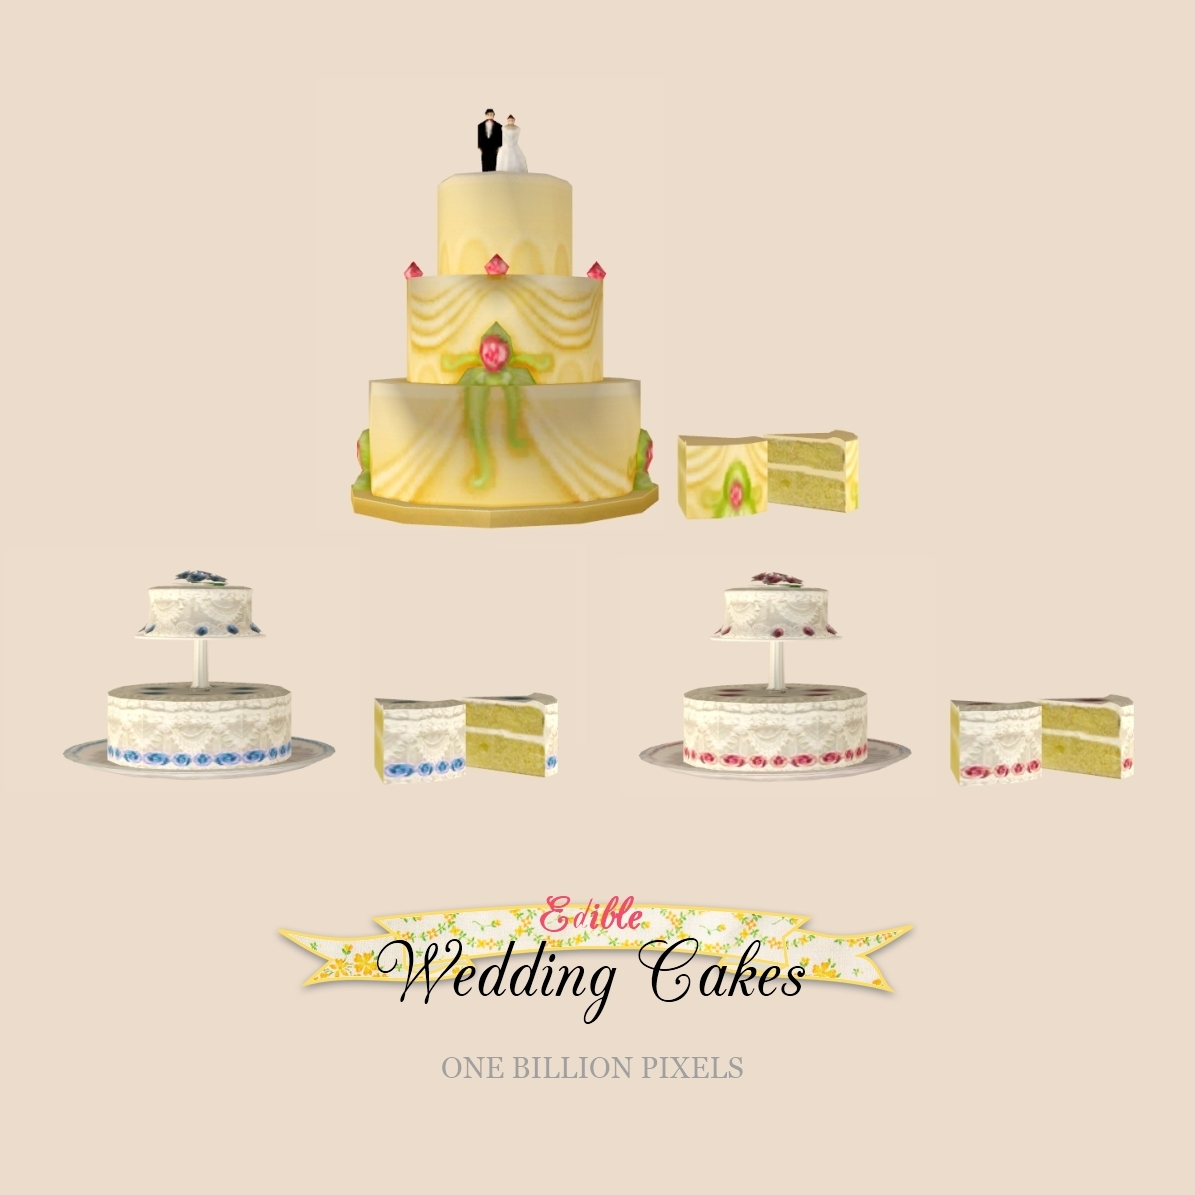 Where Do I Get Wedding Cake Sims 4